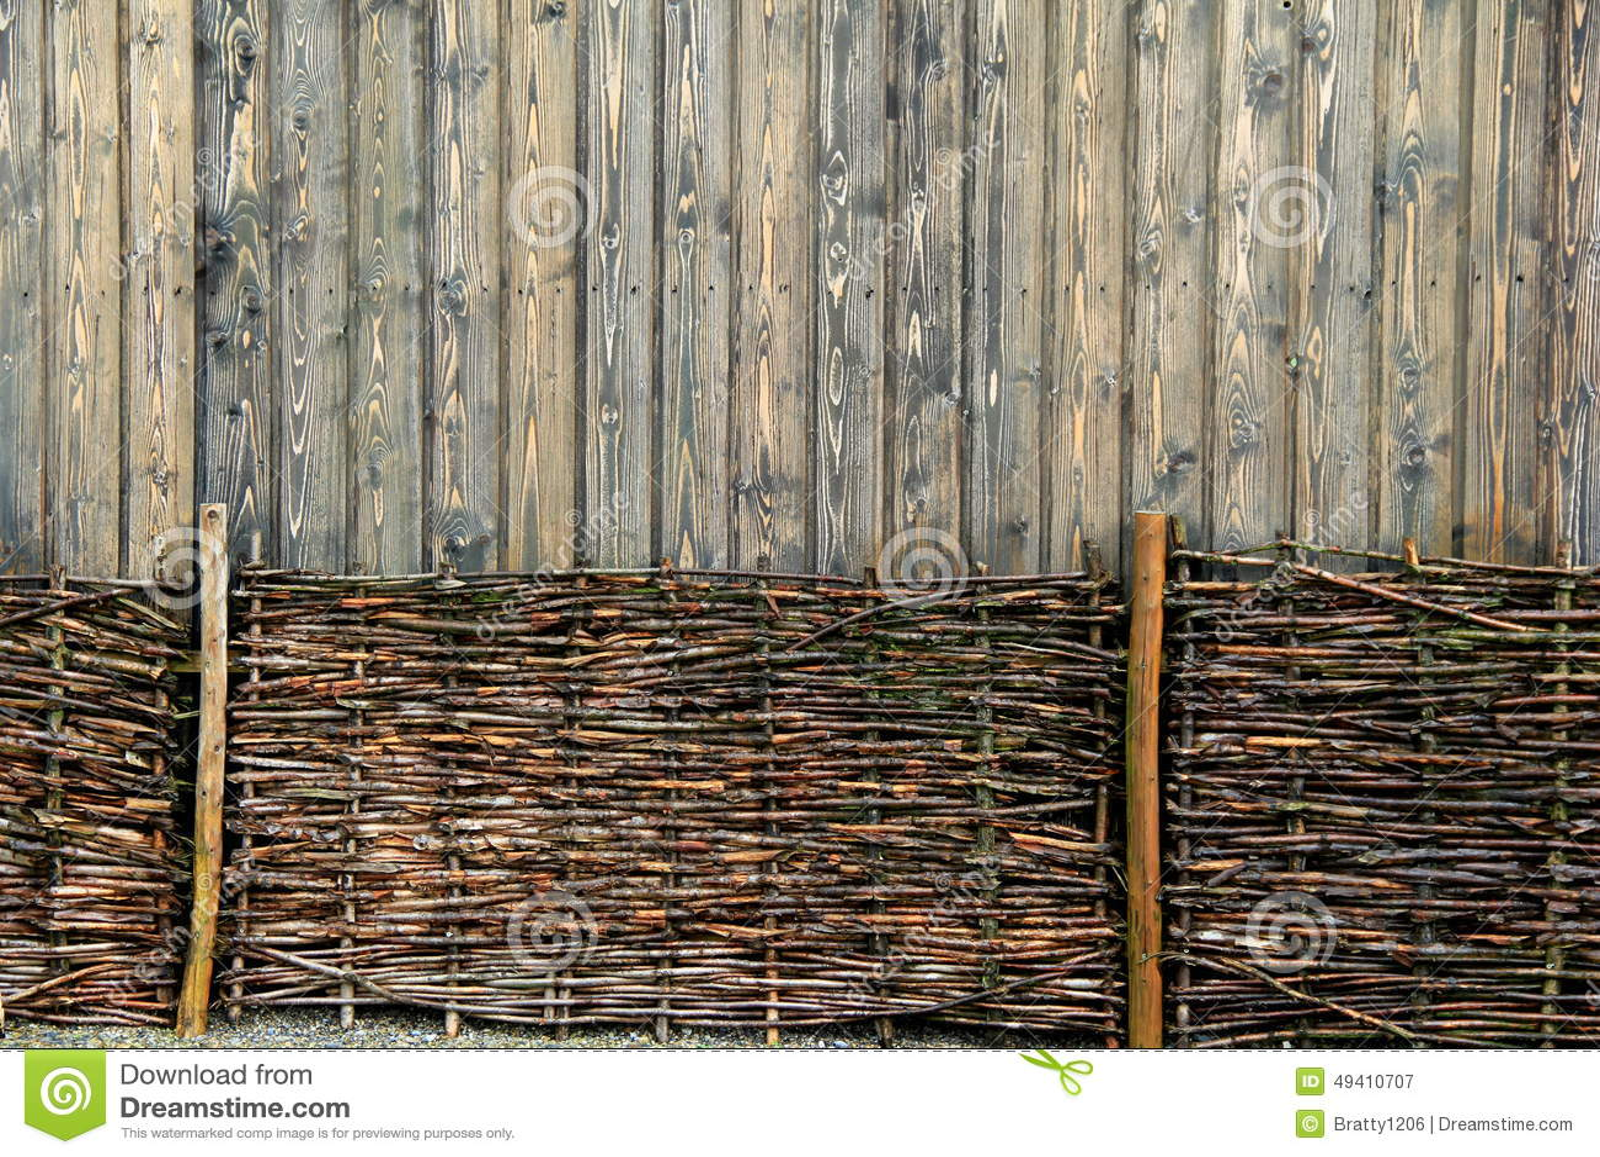 Fondo nico del cercado de madera foto de archivo imagen - Cercado de madera ...